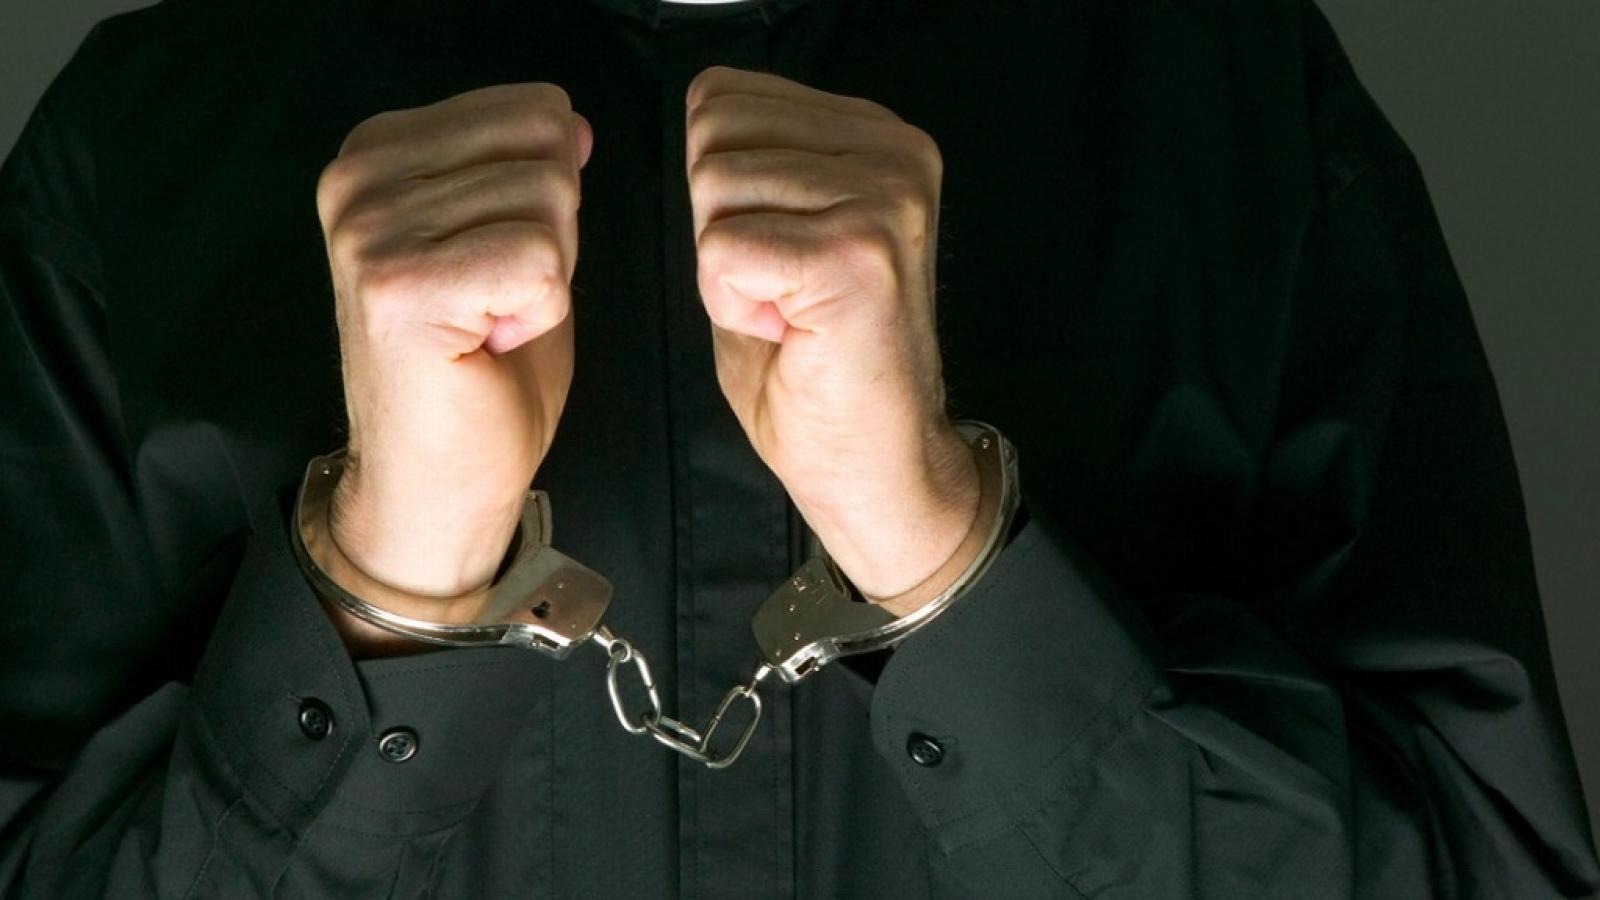 Суд вынес приговор священнику, обвиняемому в педофилии